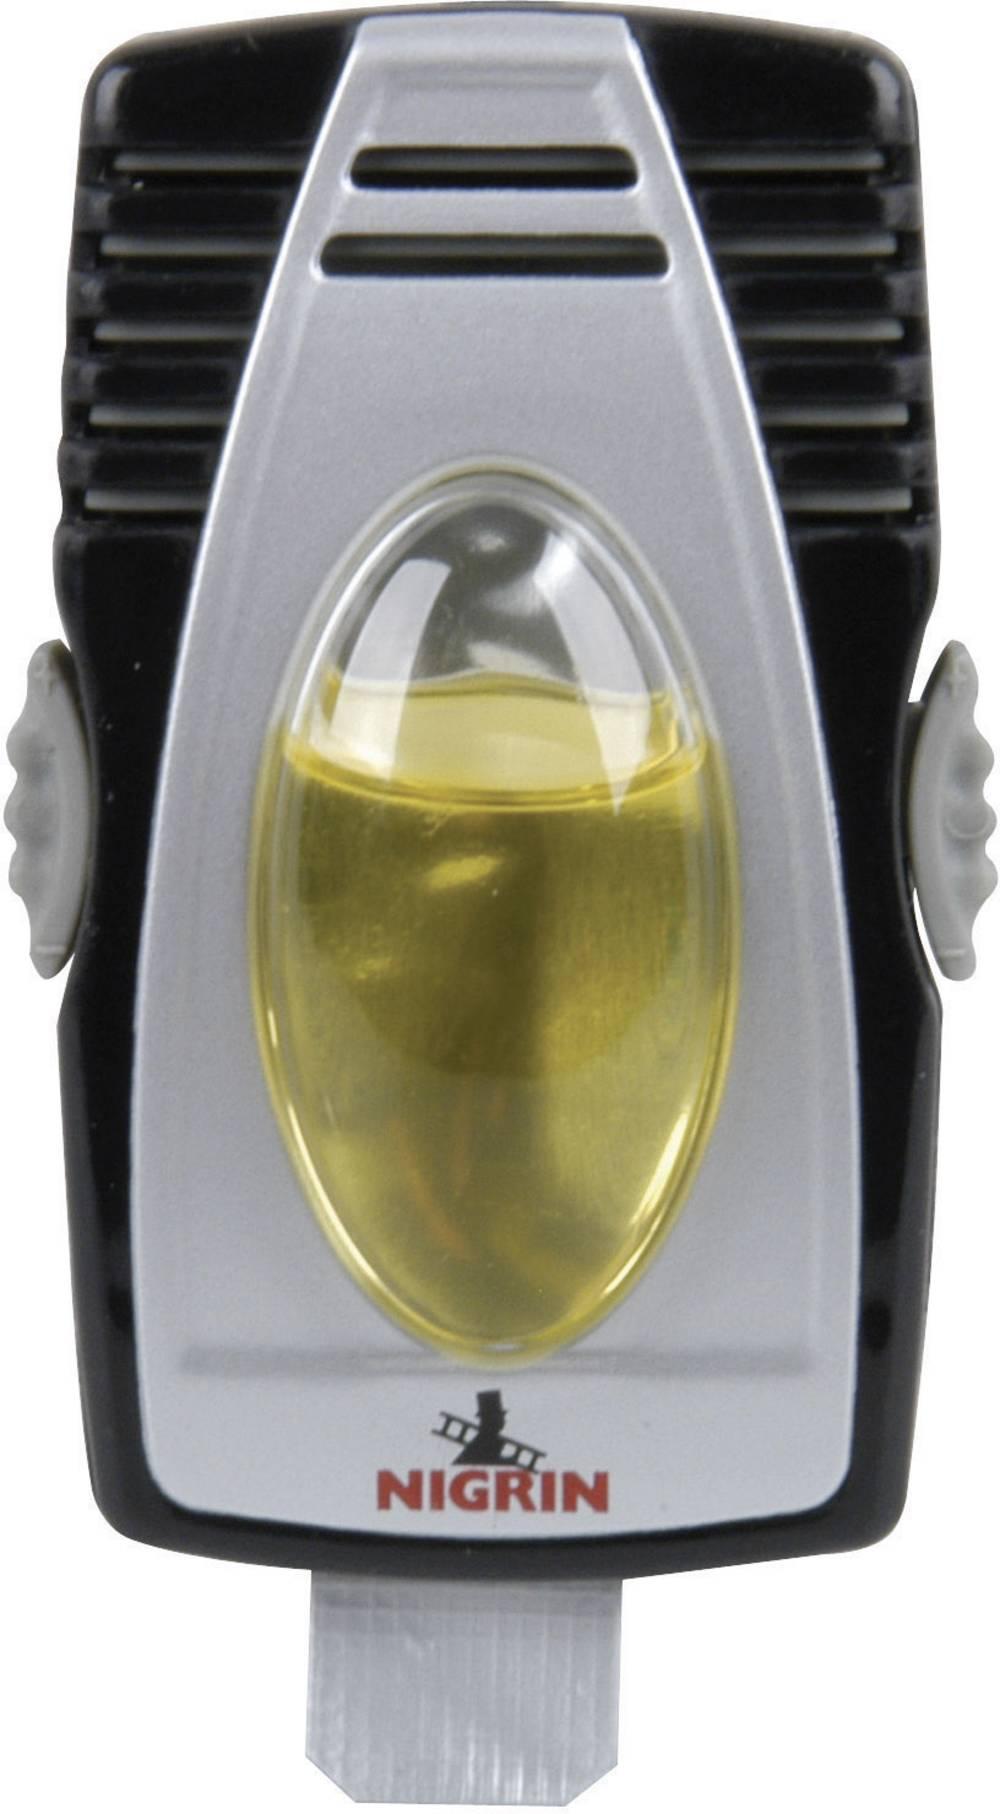 Osvežilnik zraka Nigrin, z membrano, vonj po vanilji 74504